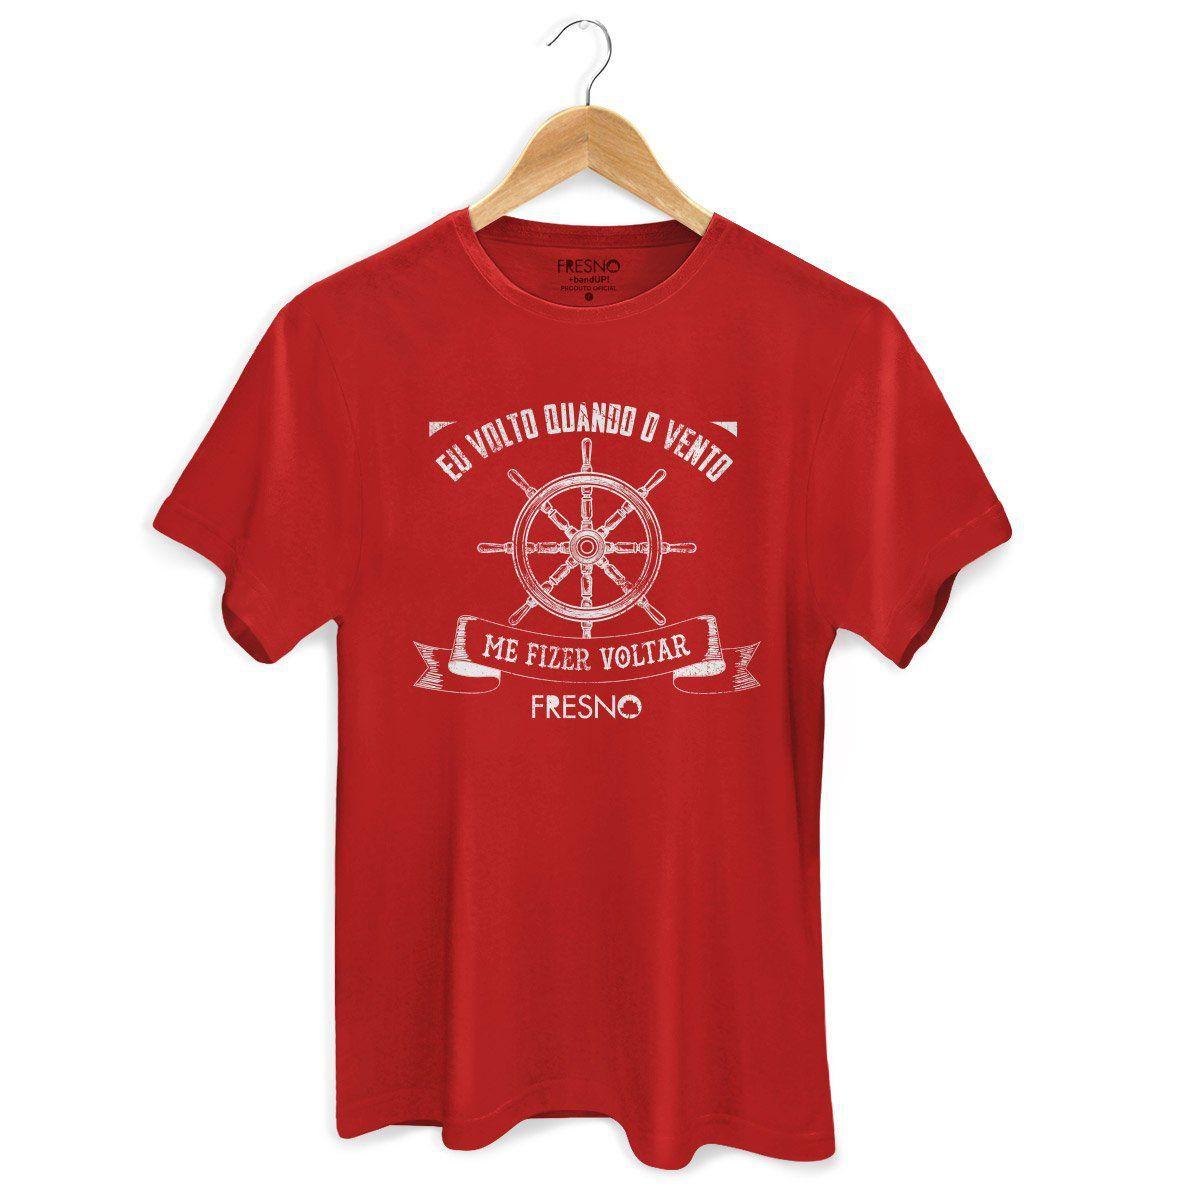 Camiseta Masculina Fresno - Quando o Vento Me Fizer Voltar